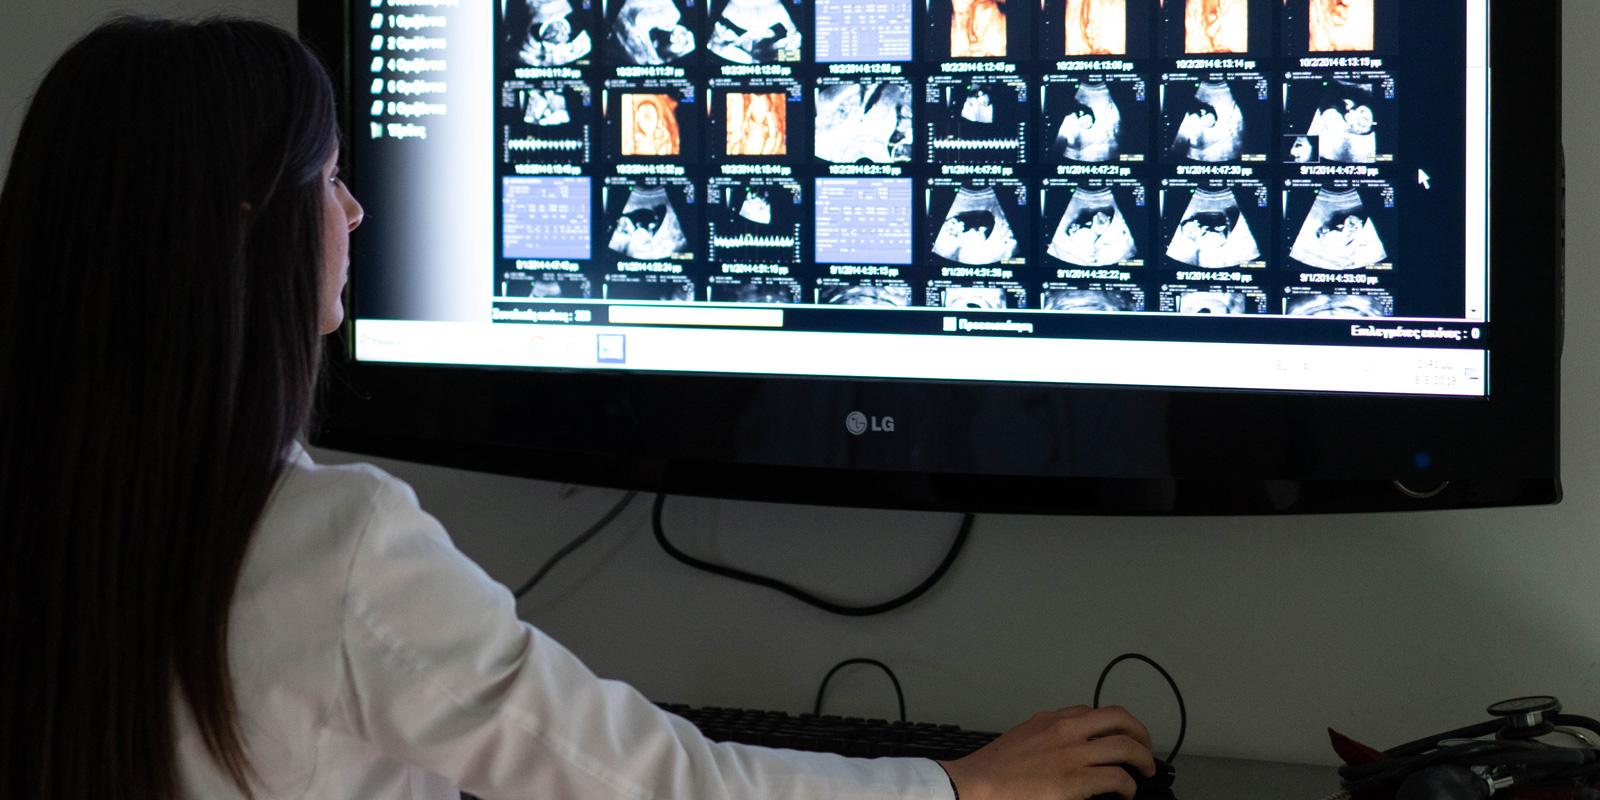 Γυναικολογικό Ιατρείο - Περικλής Καλκάκος - Μαιευτήρας - Χειρούργος Γυναικολόγος